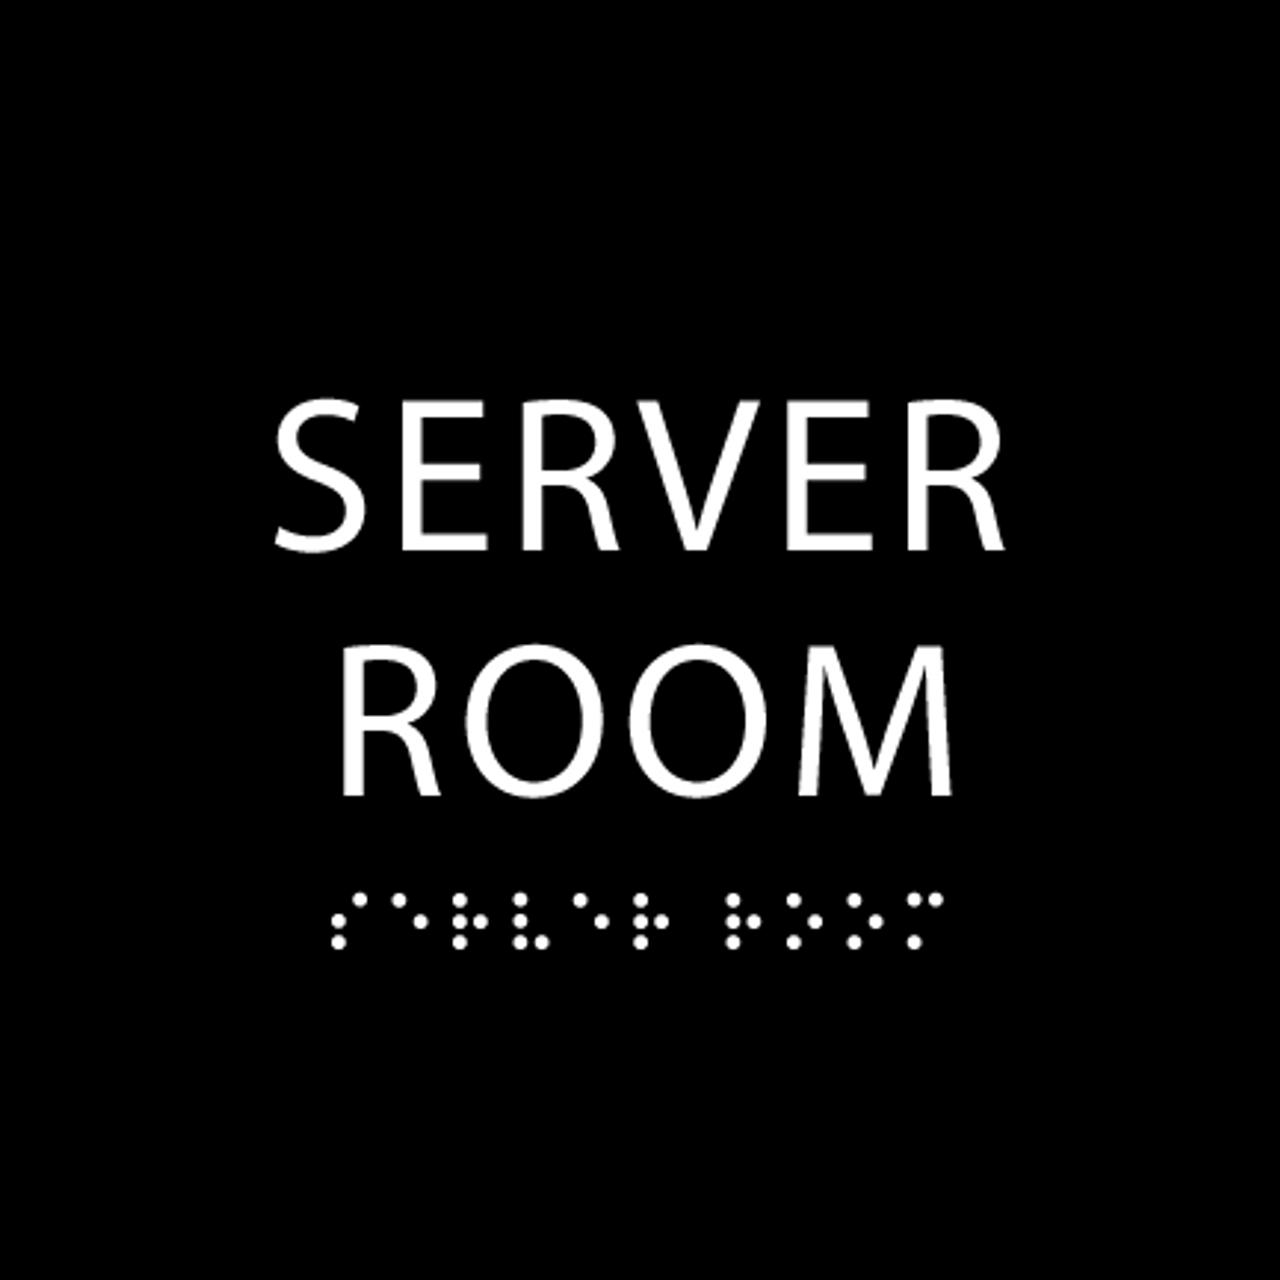 Black Server Room ADA Sign